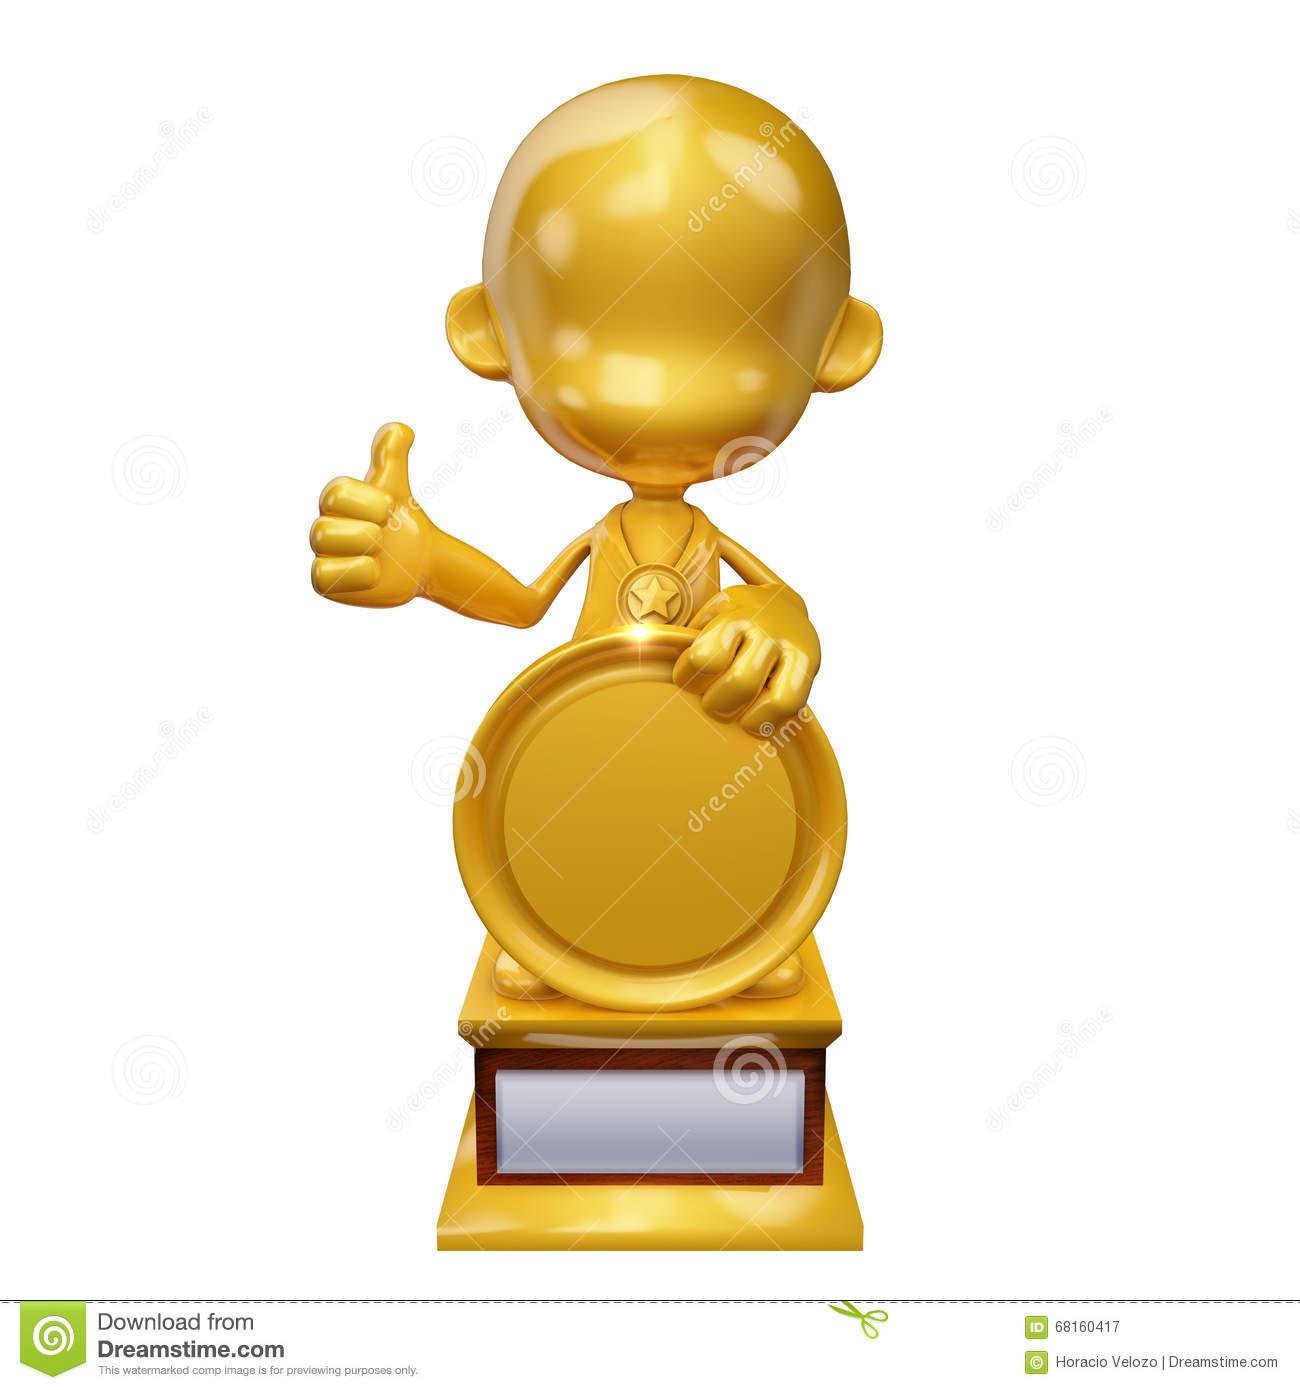 Golden Guy Trophy Holding Medal Stock Illustration.